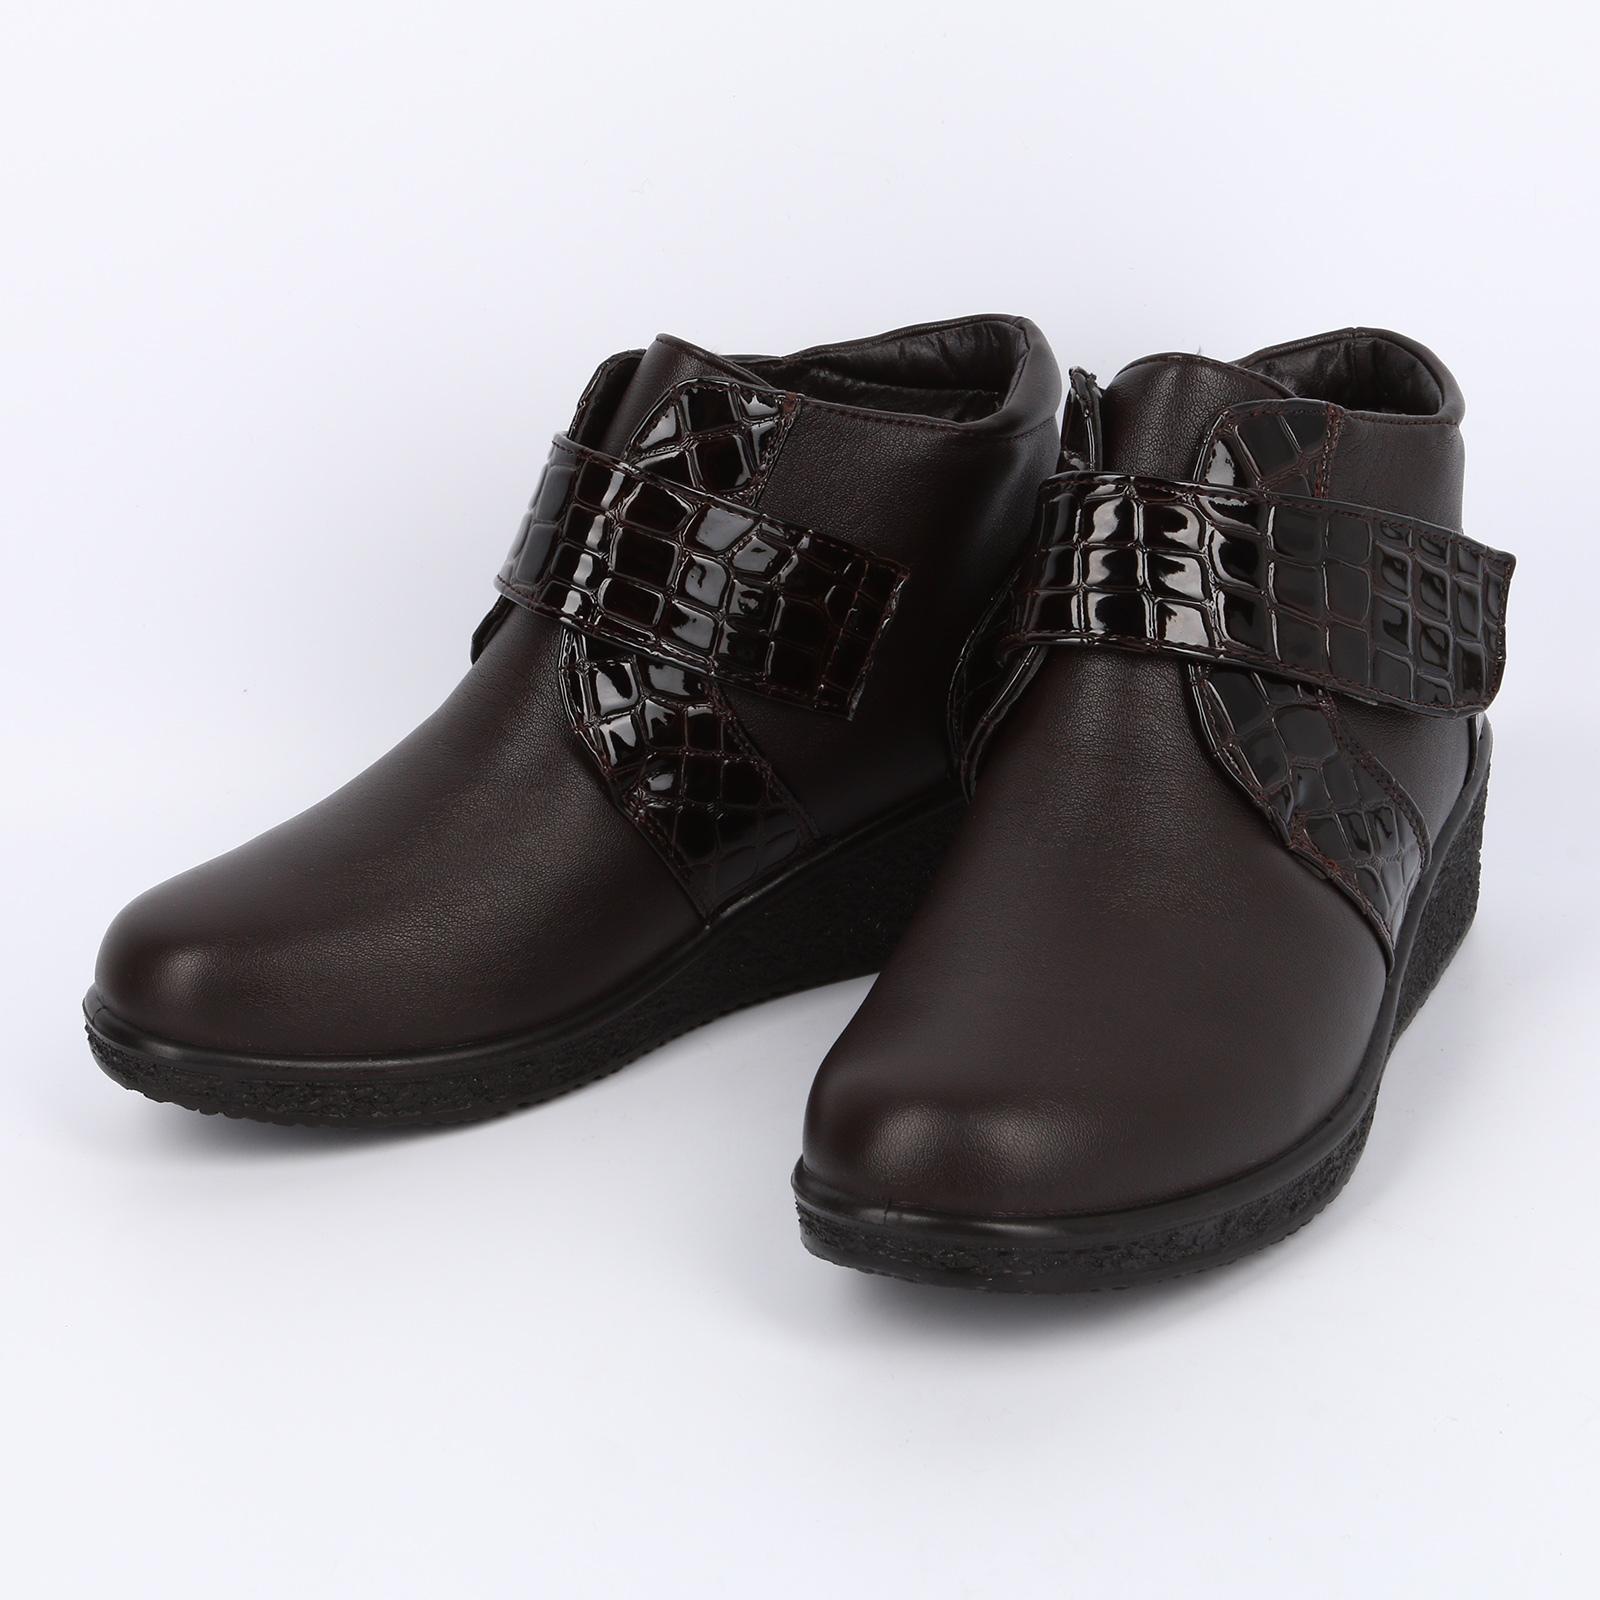 Ботинки на липучке со вставками под рептилию